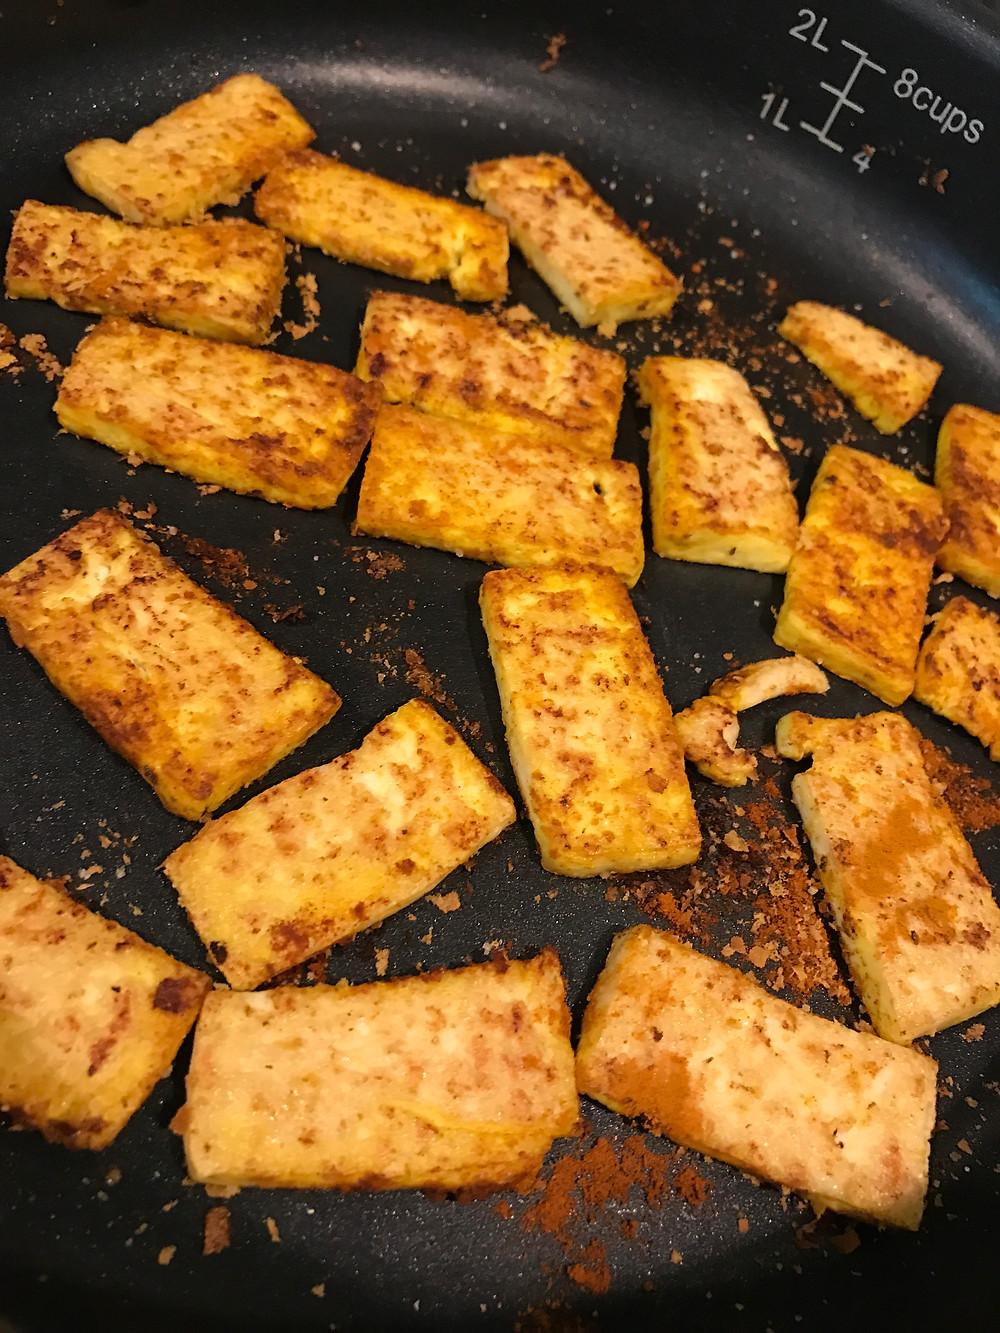 Healthy Vegan Breakfast Tofu Cooking